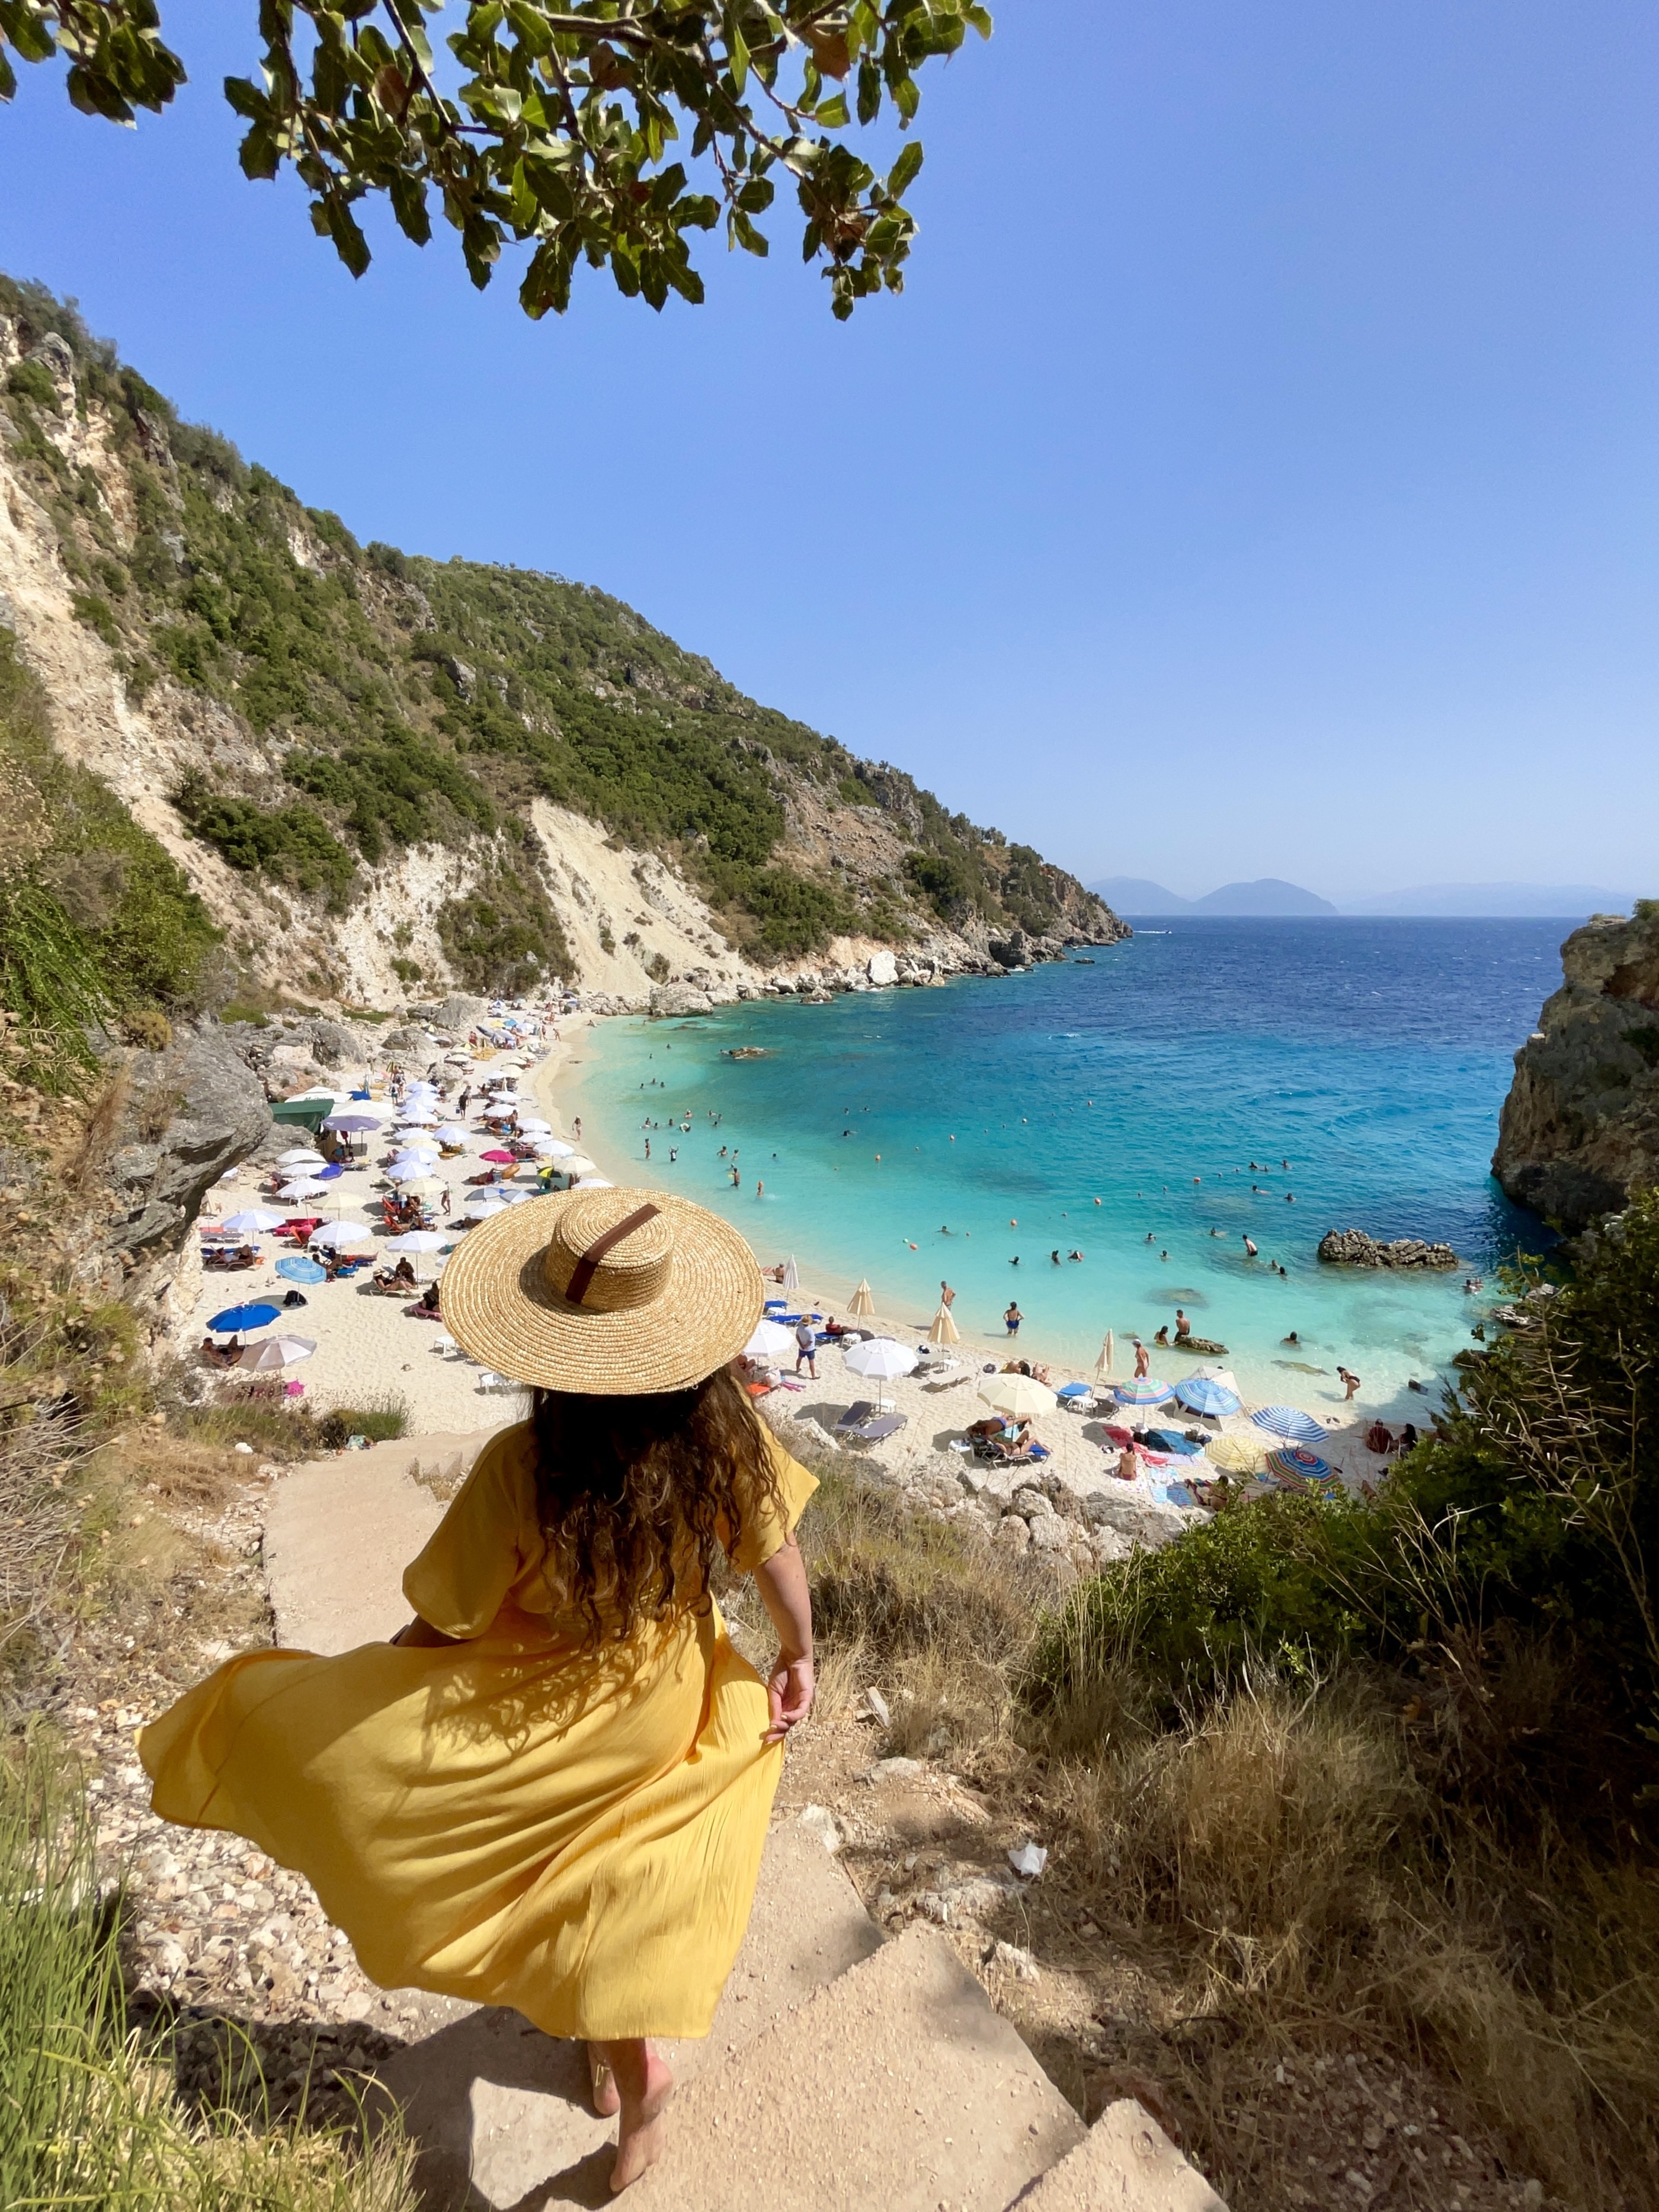 Plaja Agiofili, Lefkada